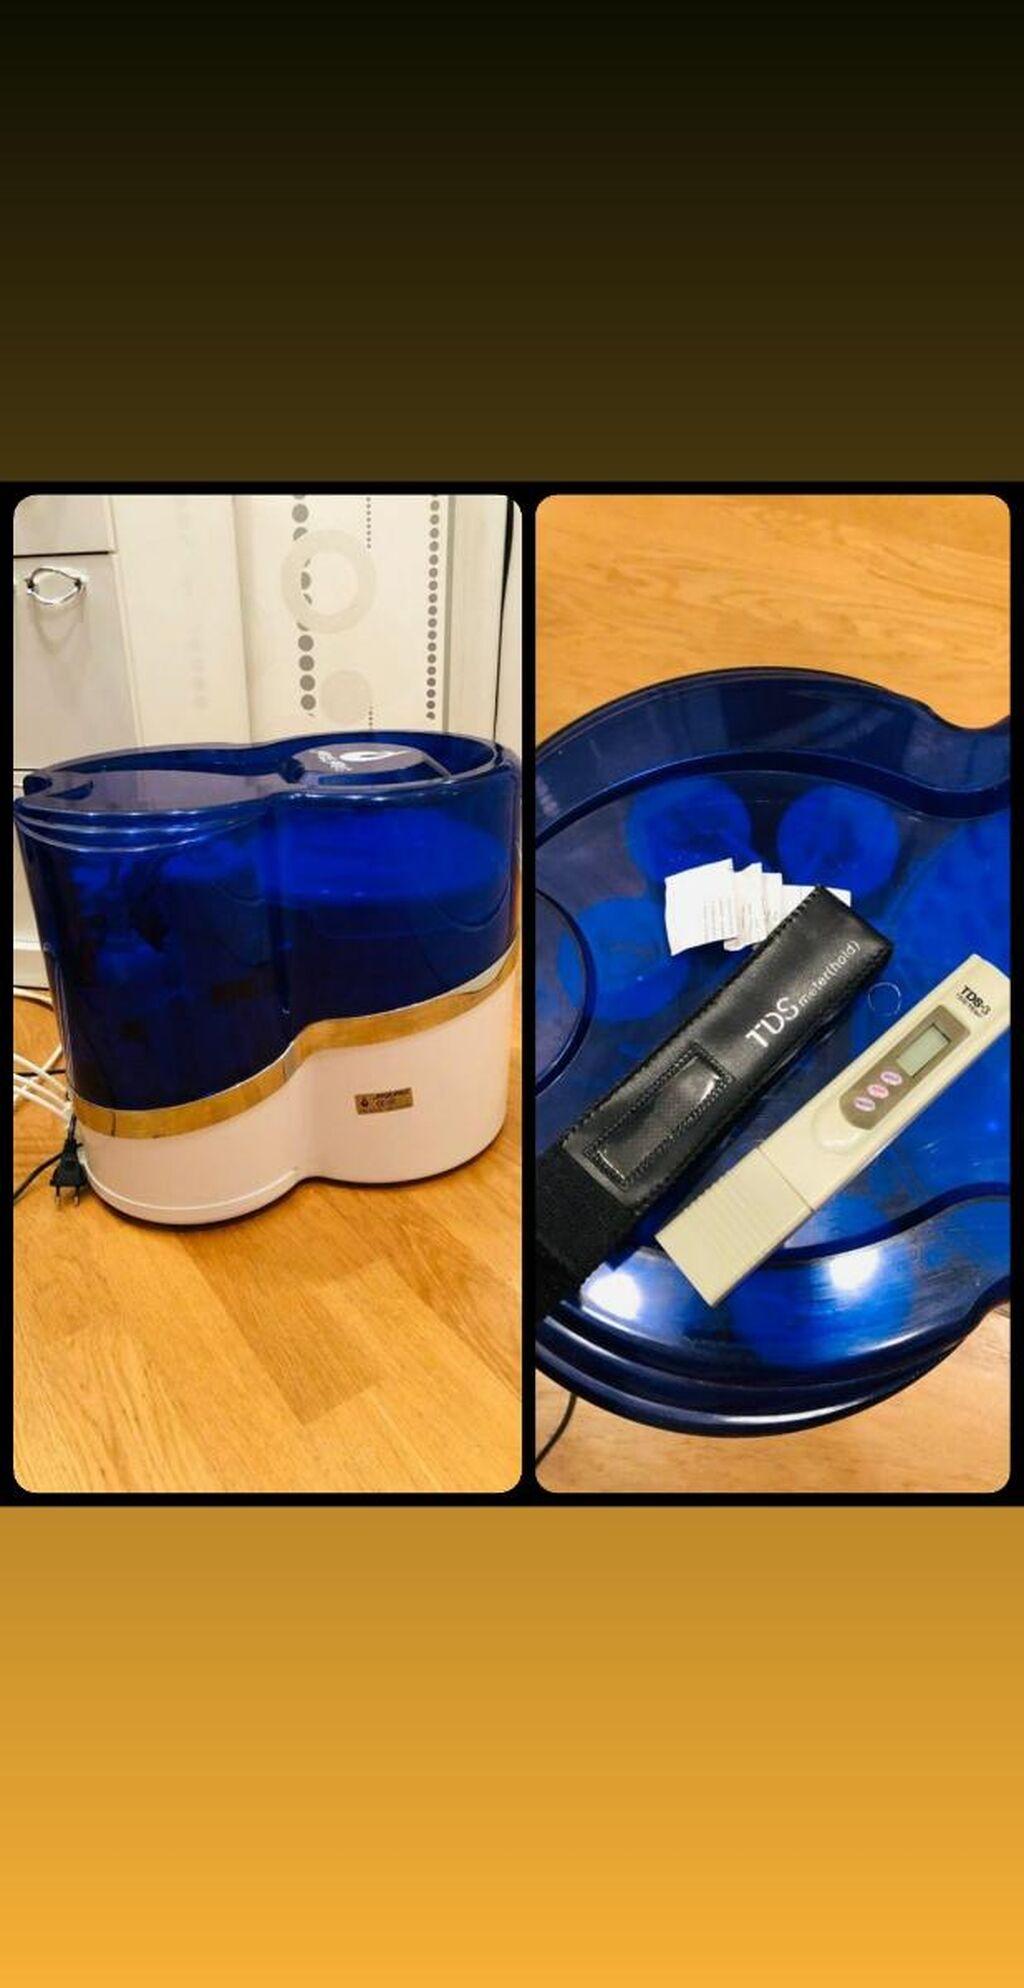 Sintra firmasına məxsus su filtr aparatı satılır